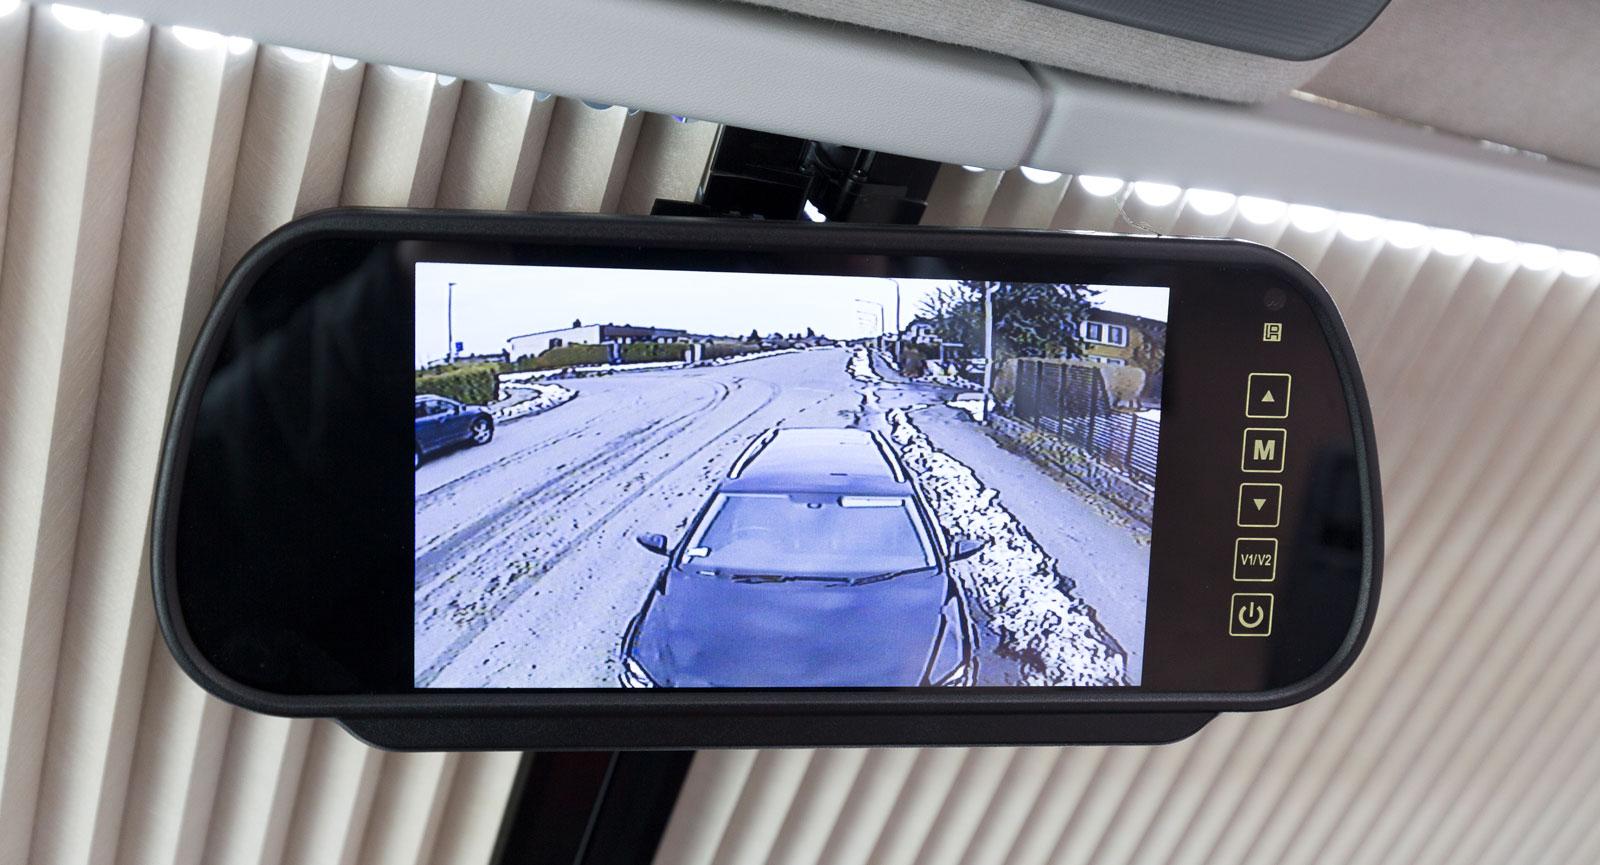 smart skärm till backkameran i låtsasbackspegeln.